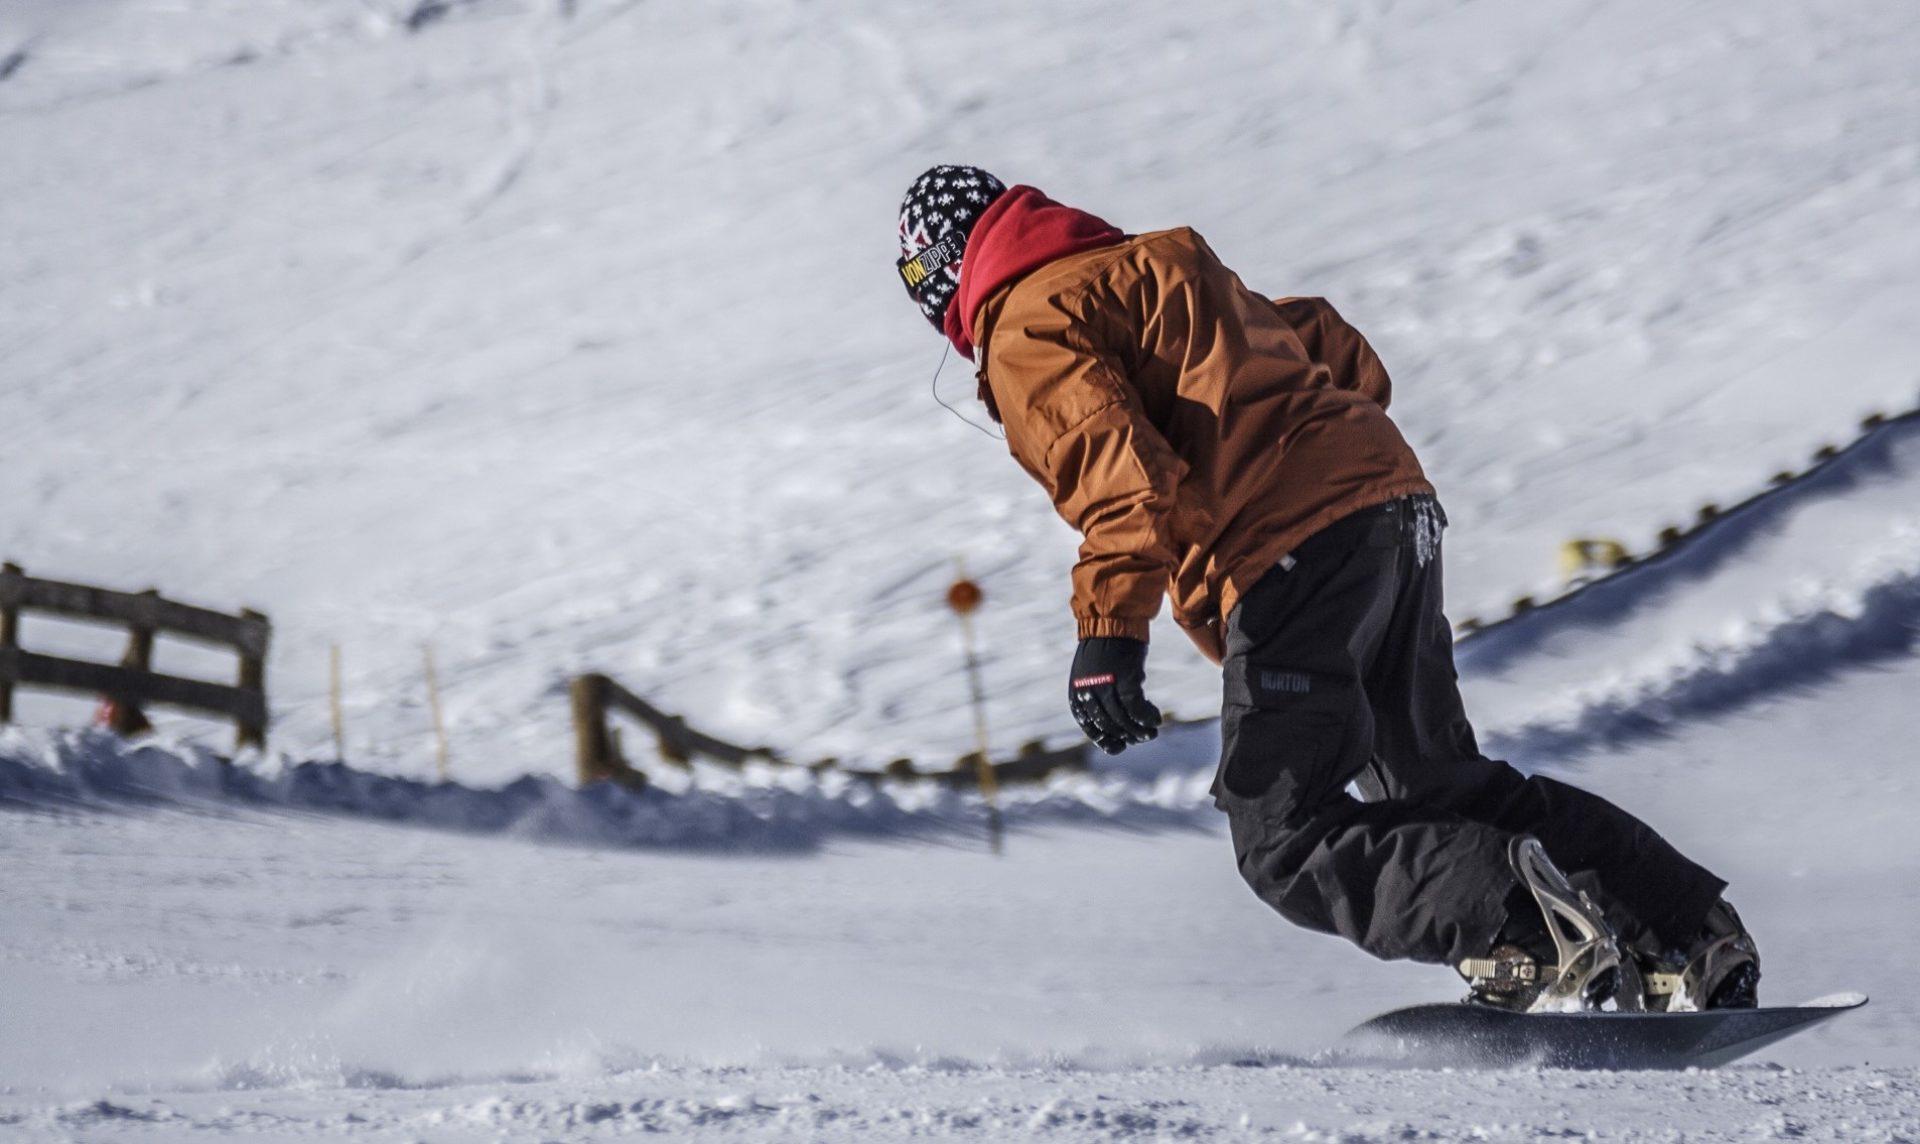 Lezioni di snowboard Emilia Romagna